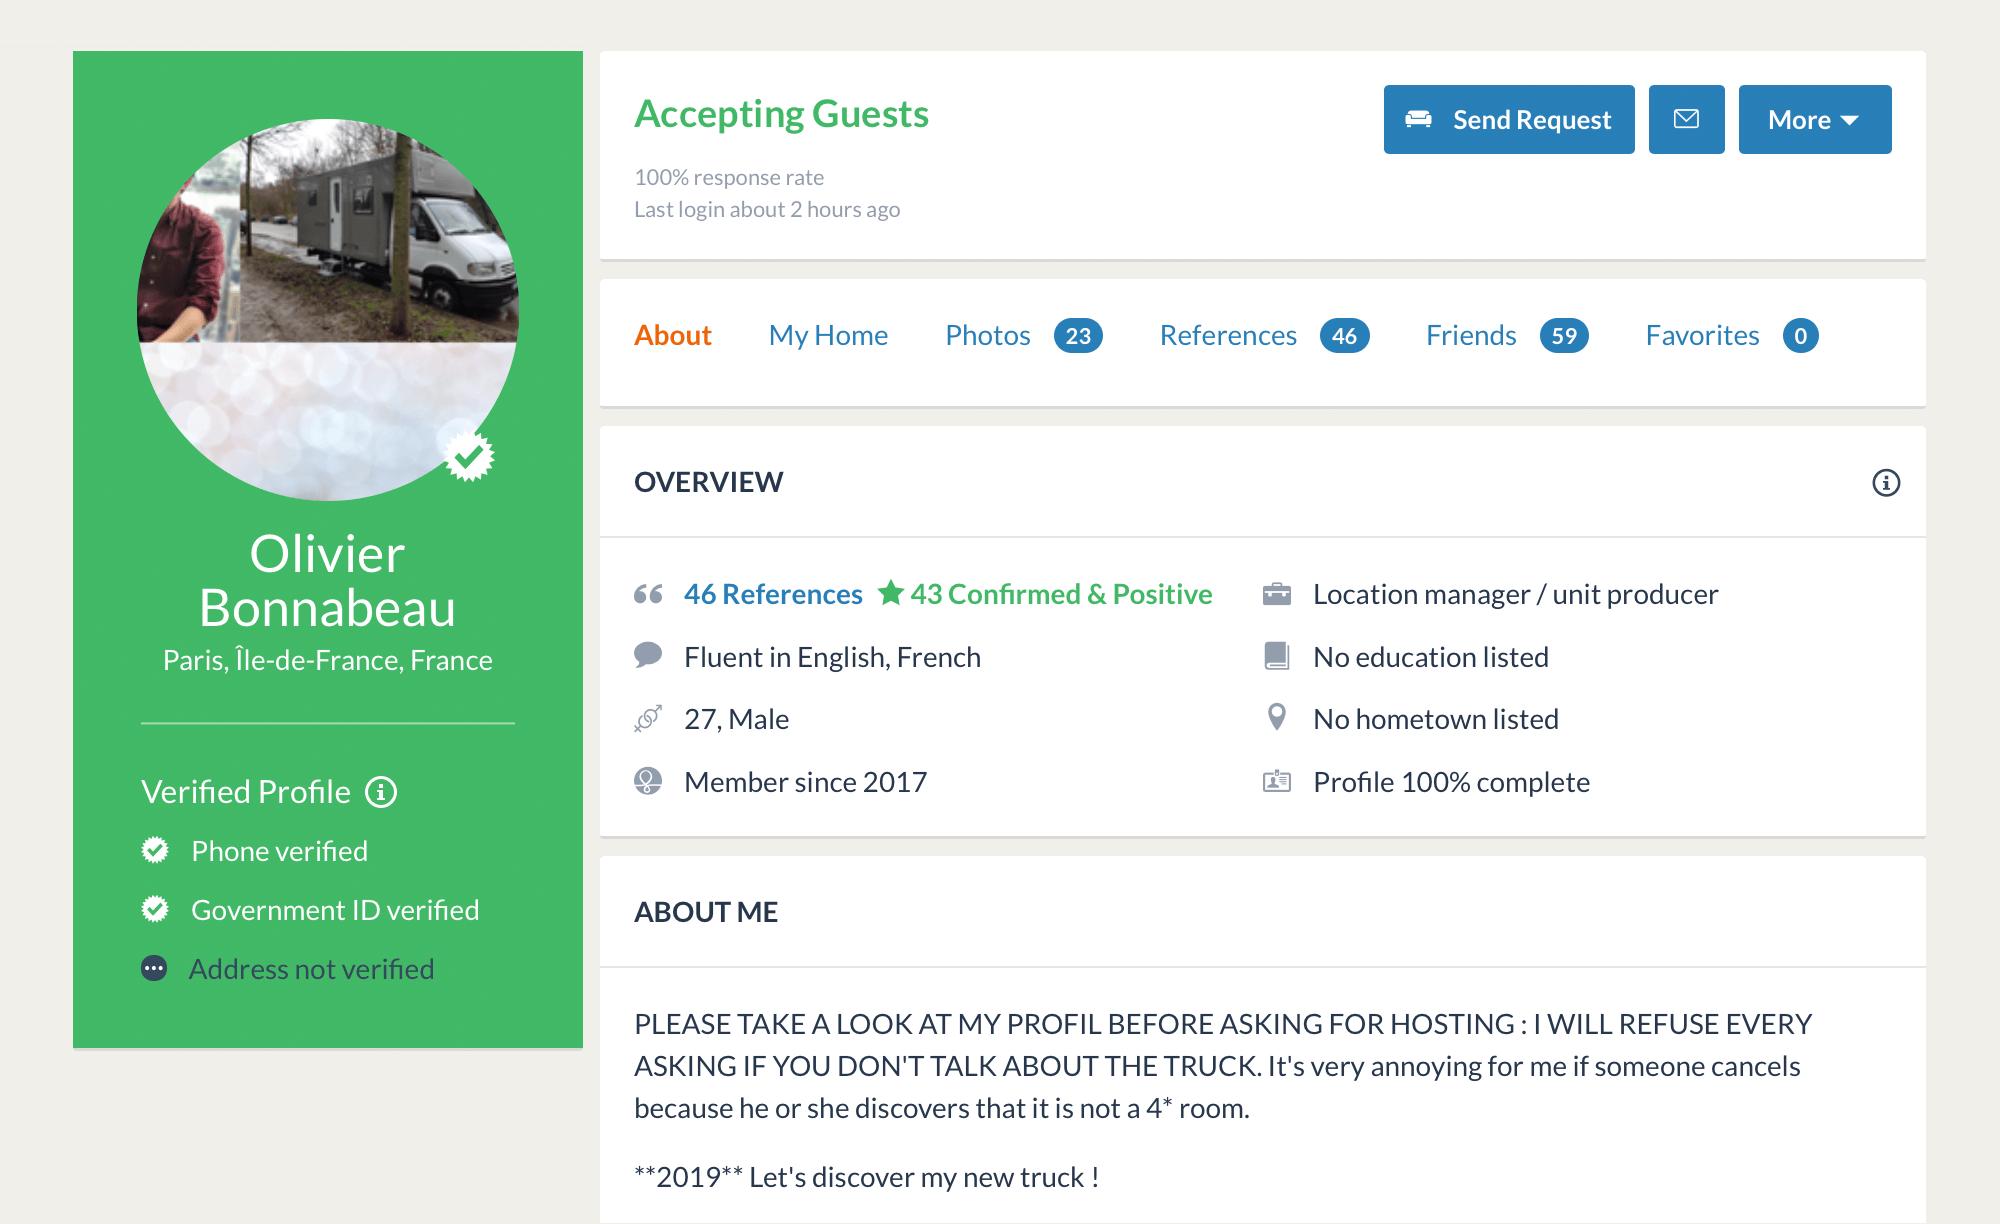 Оливье живет в грузовике — даже поставил его фото на аватарку. В анкете он пишет, что будет отклонять любую заявку безупоминания грузовика